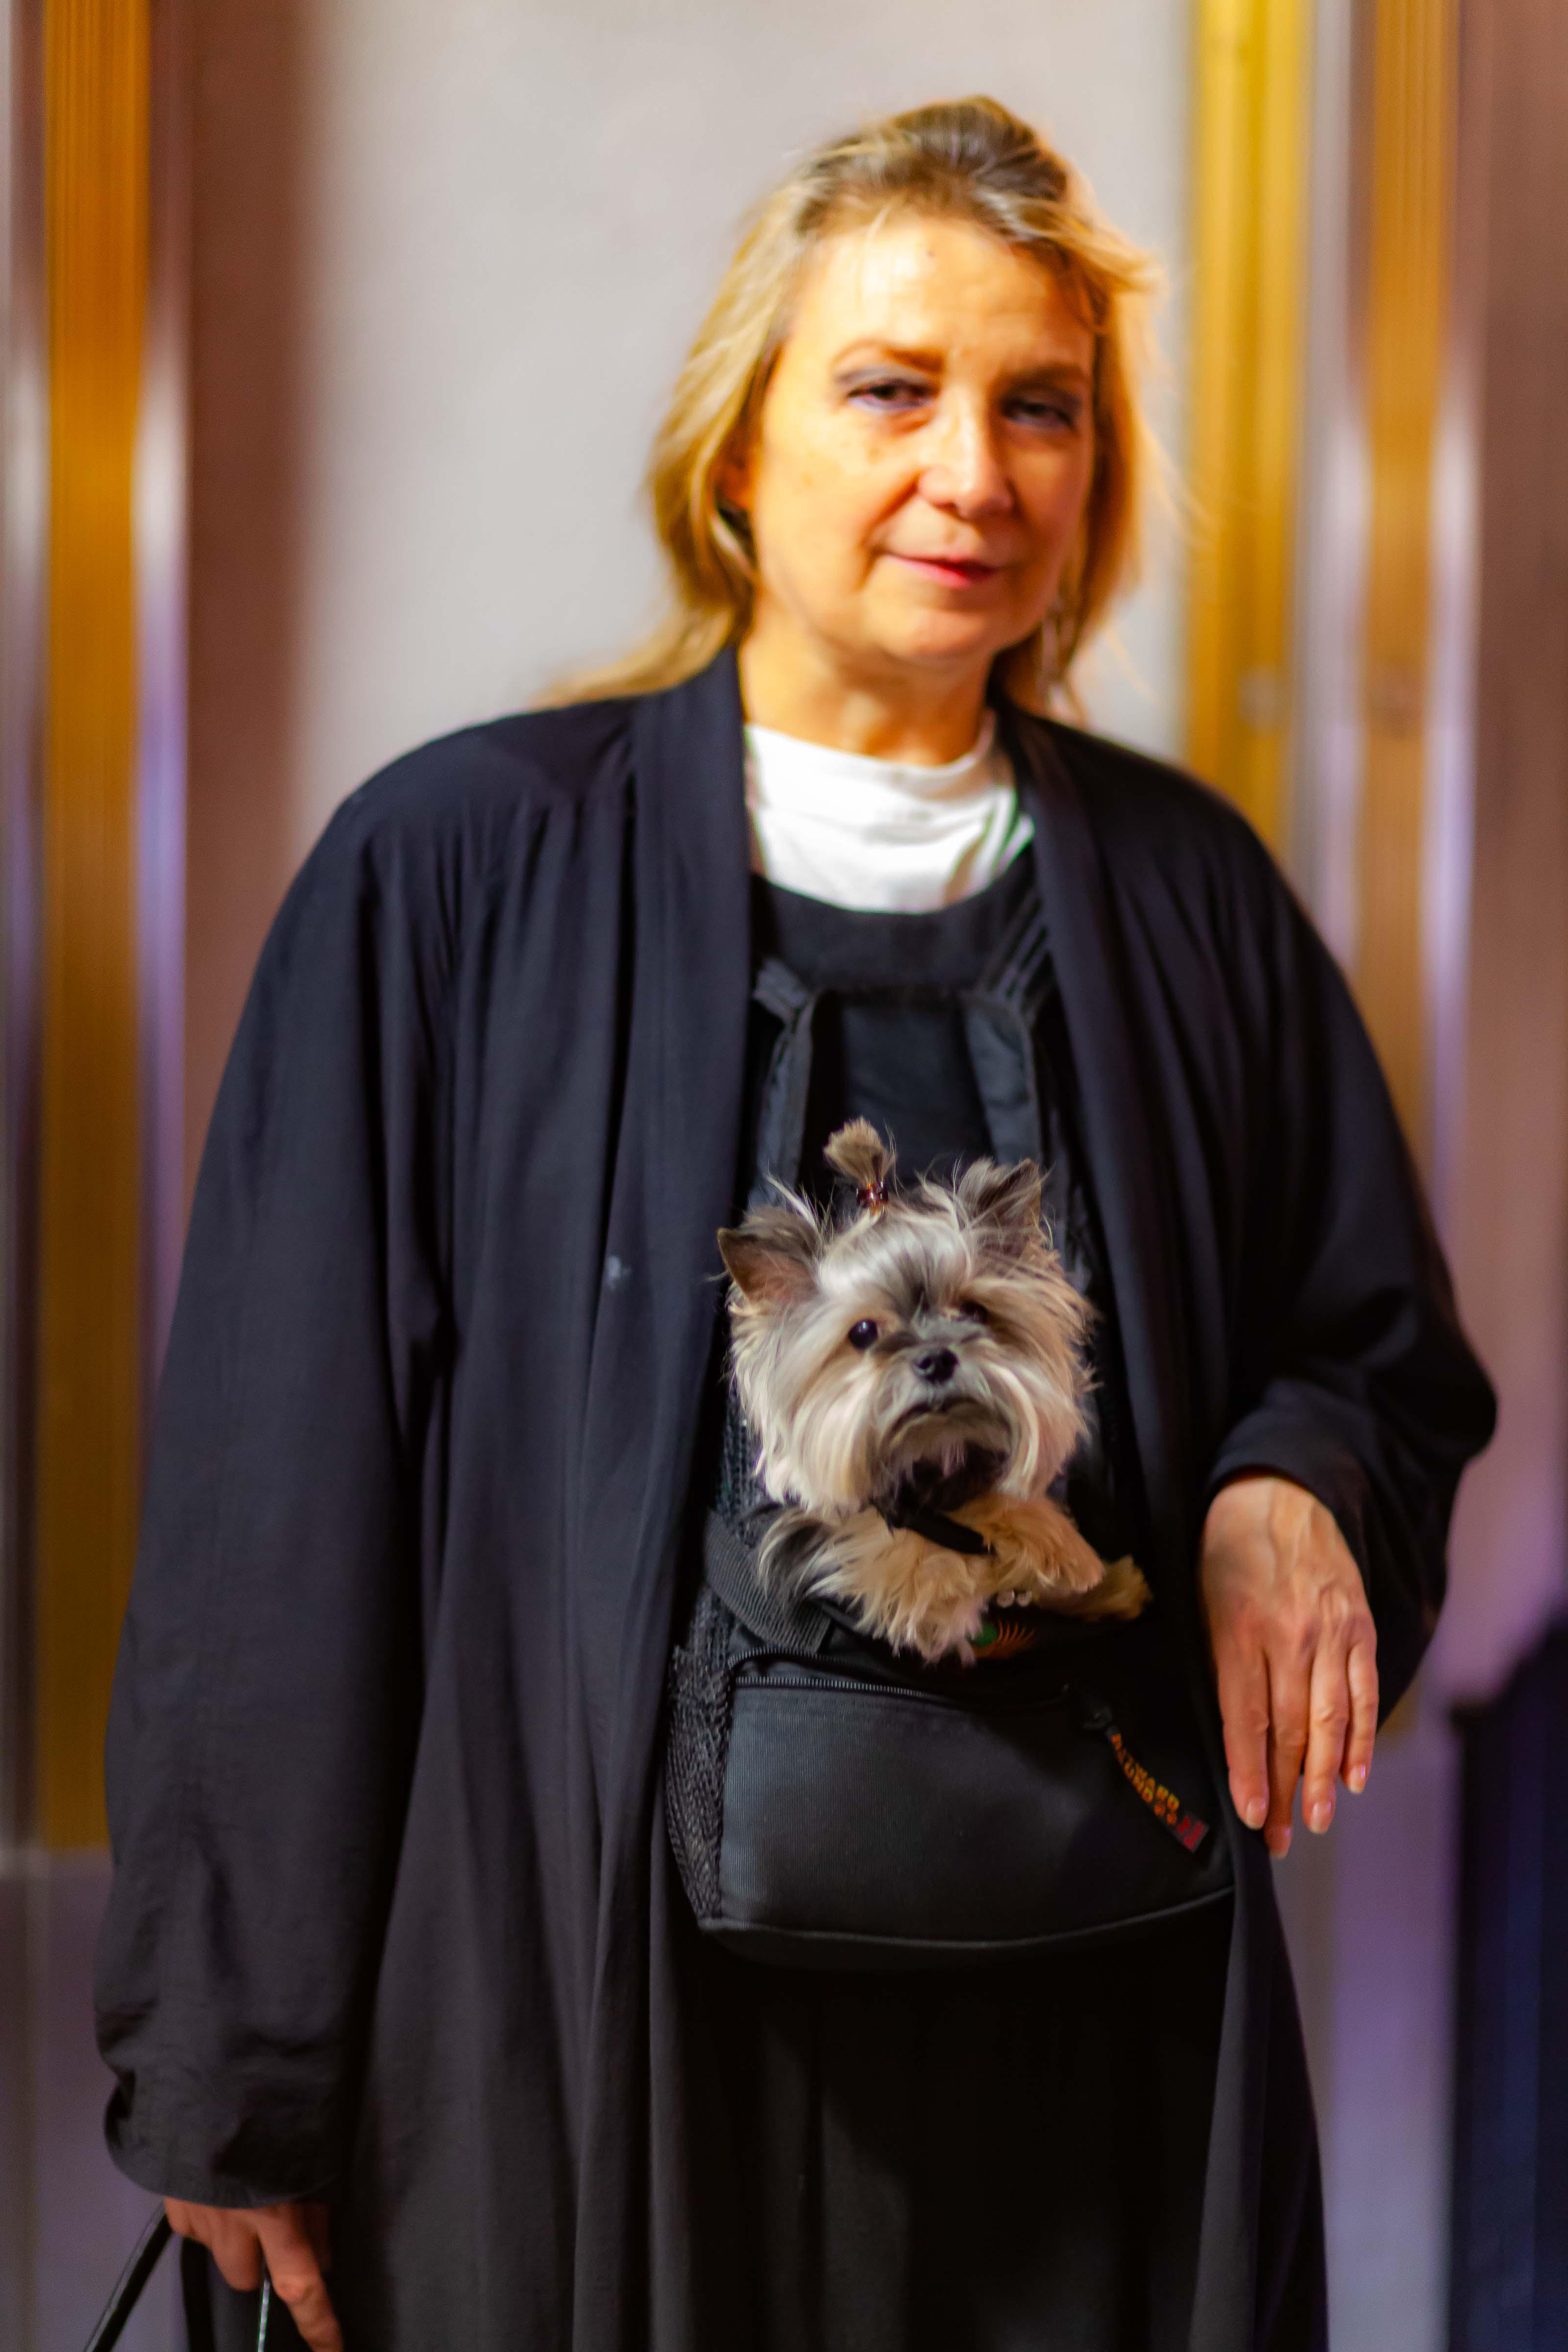 USA, New York Prov, Woman With Dog, 2011, IMG 1408